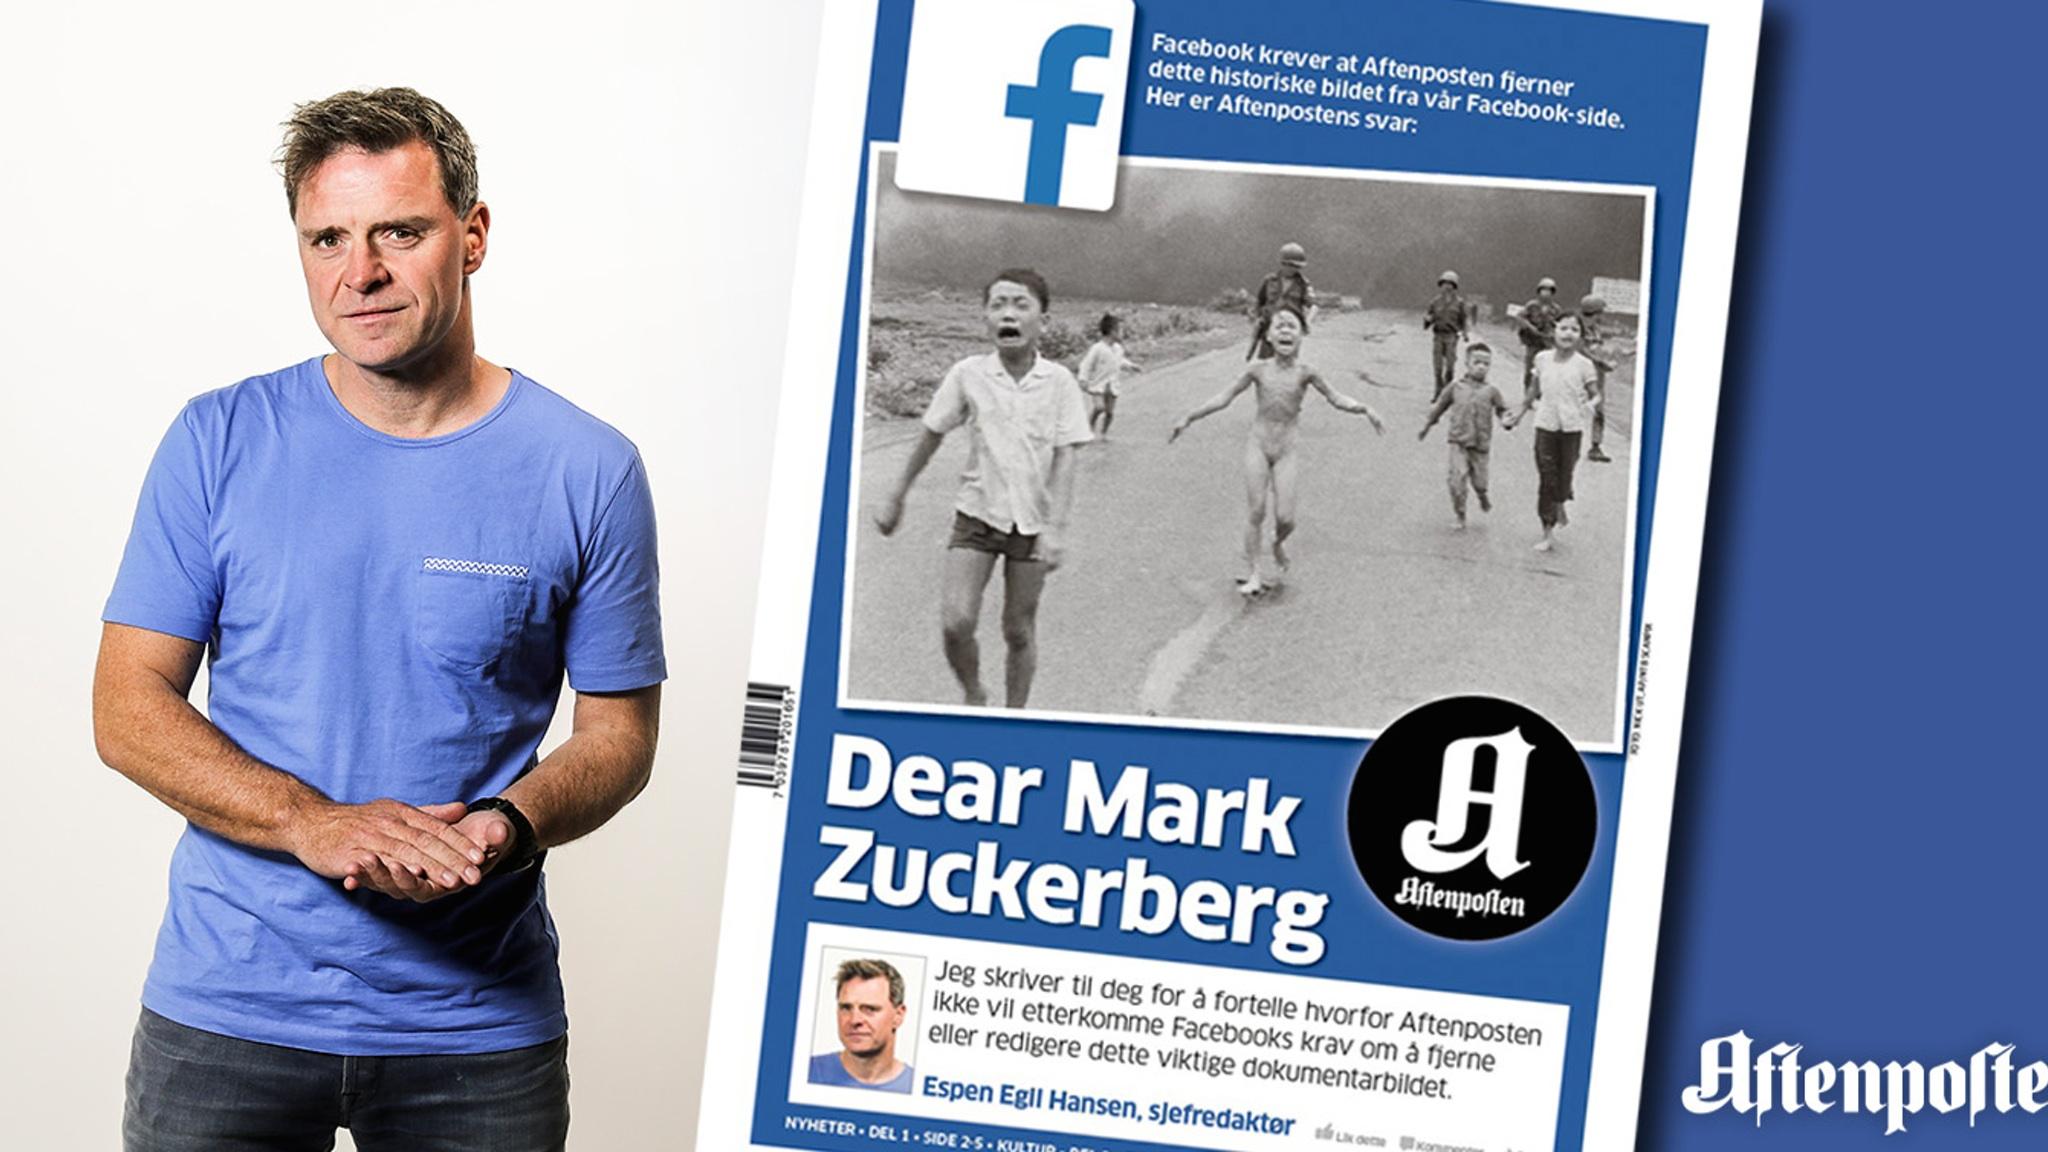 """Фејсбук одлучи да избрише една објава на норвешкиот писател Том Егеланд, во кој што меѓу другото ја имаше и фотографијата која доби Пулицерова награда, наречена """"Теророт на војната"""" на Ник Ут, со деца – меѓу кои и """"напалм девојчето"""" 9-годишната Ким Пуц, – кои бегаат од напад со напалм за време на Виетнамската војна. Еспен Егил Хансен, главен уредник на """"Афтенпостен"""", го обвини извршниот директор на Фејсбук Марк Закерберг за """"злоупотреба на моќта"""" врз социјалниот медиум, кој денес има главна улога во дистрибуцијата на вести во светот, и за страшна неспособност за """"разликување помеѓу детска порнографија и познати воени слики"""""""